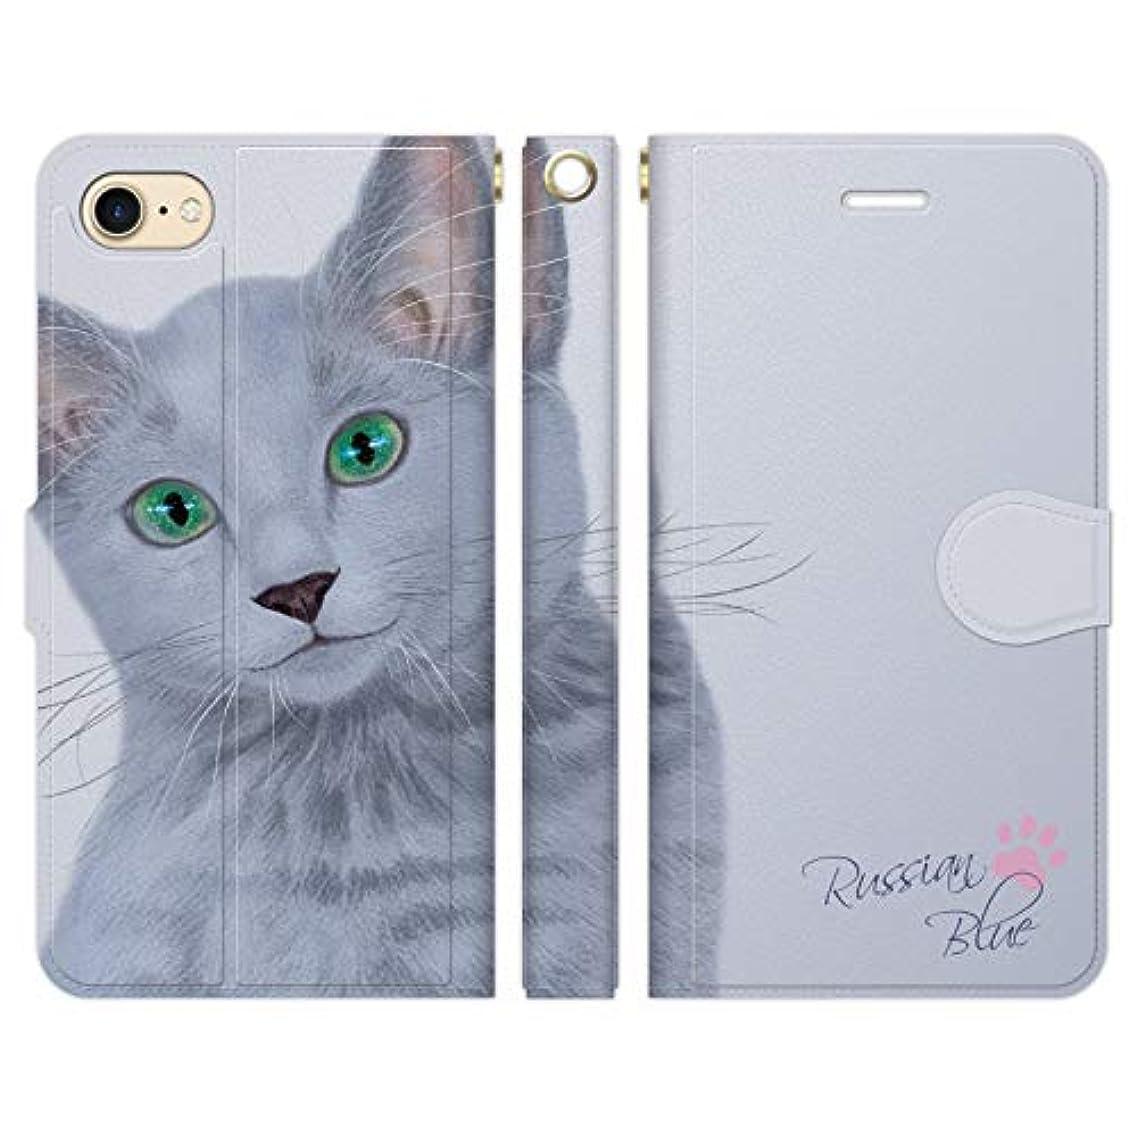 物思いにふける懐疑的ジムブレインズ iPhone SE 第2世代 2020 iPhone8 iPhone7 兼用 手帳型 ケース カバー ロシアン ブルー 01 あまみ藤奈 猫 ネコ 黒猫 ロシアンブルー